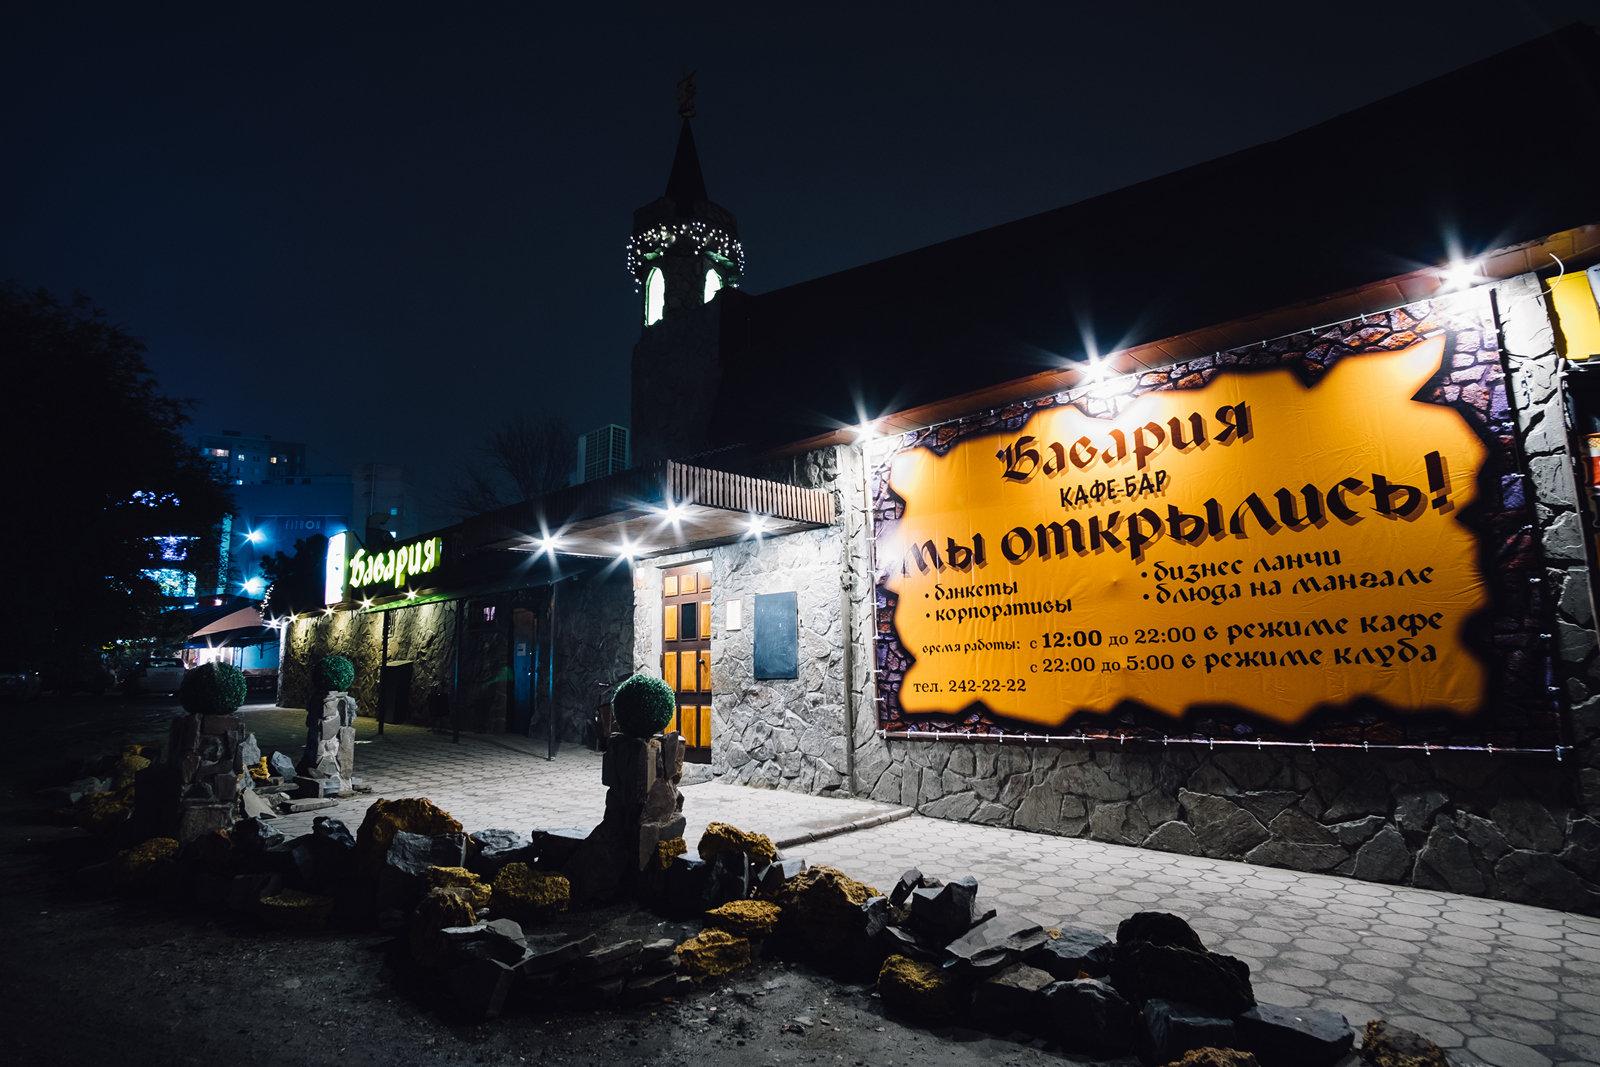 Ночной клуб в ростове на дону на северном магазин мужской клуб в ноябрьске